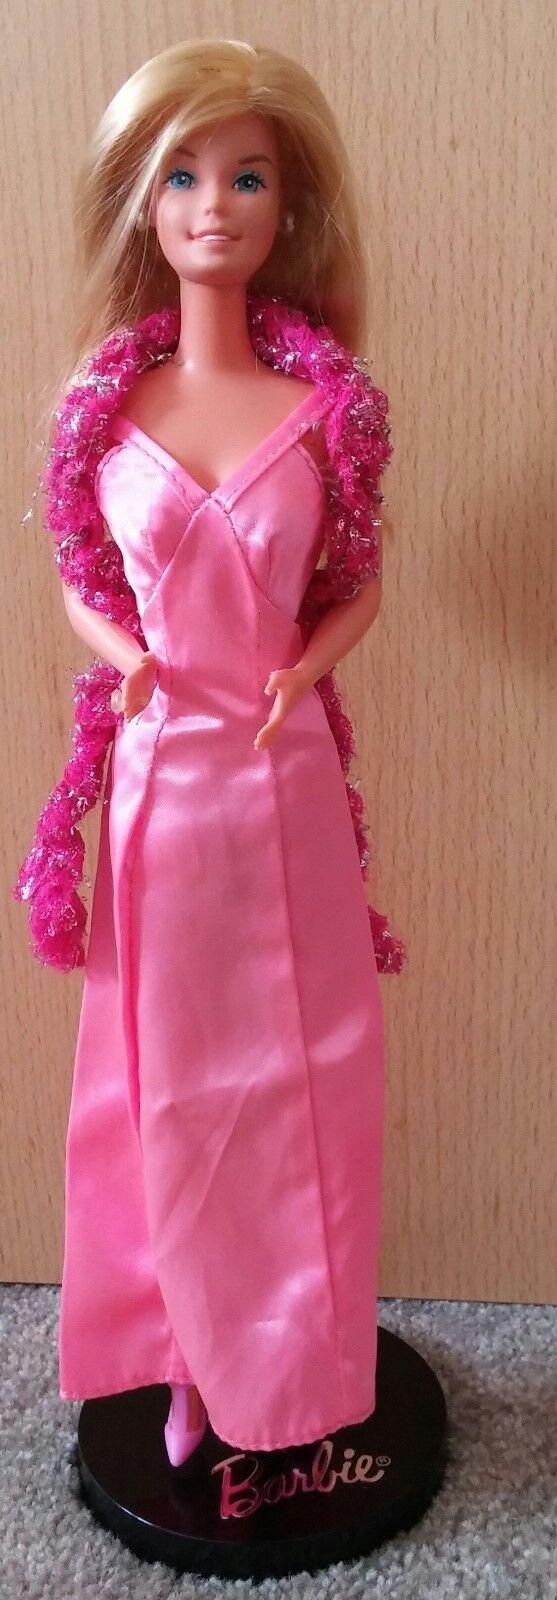 Mattel Barbie vintage 70er Jahre Jahre Jahre Superstar 84b8de